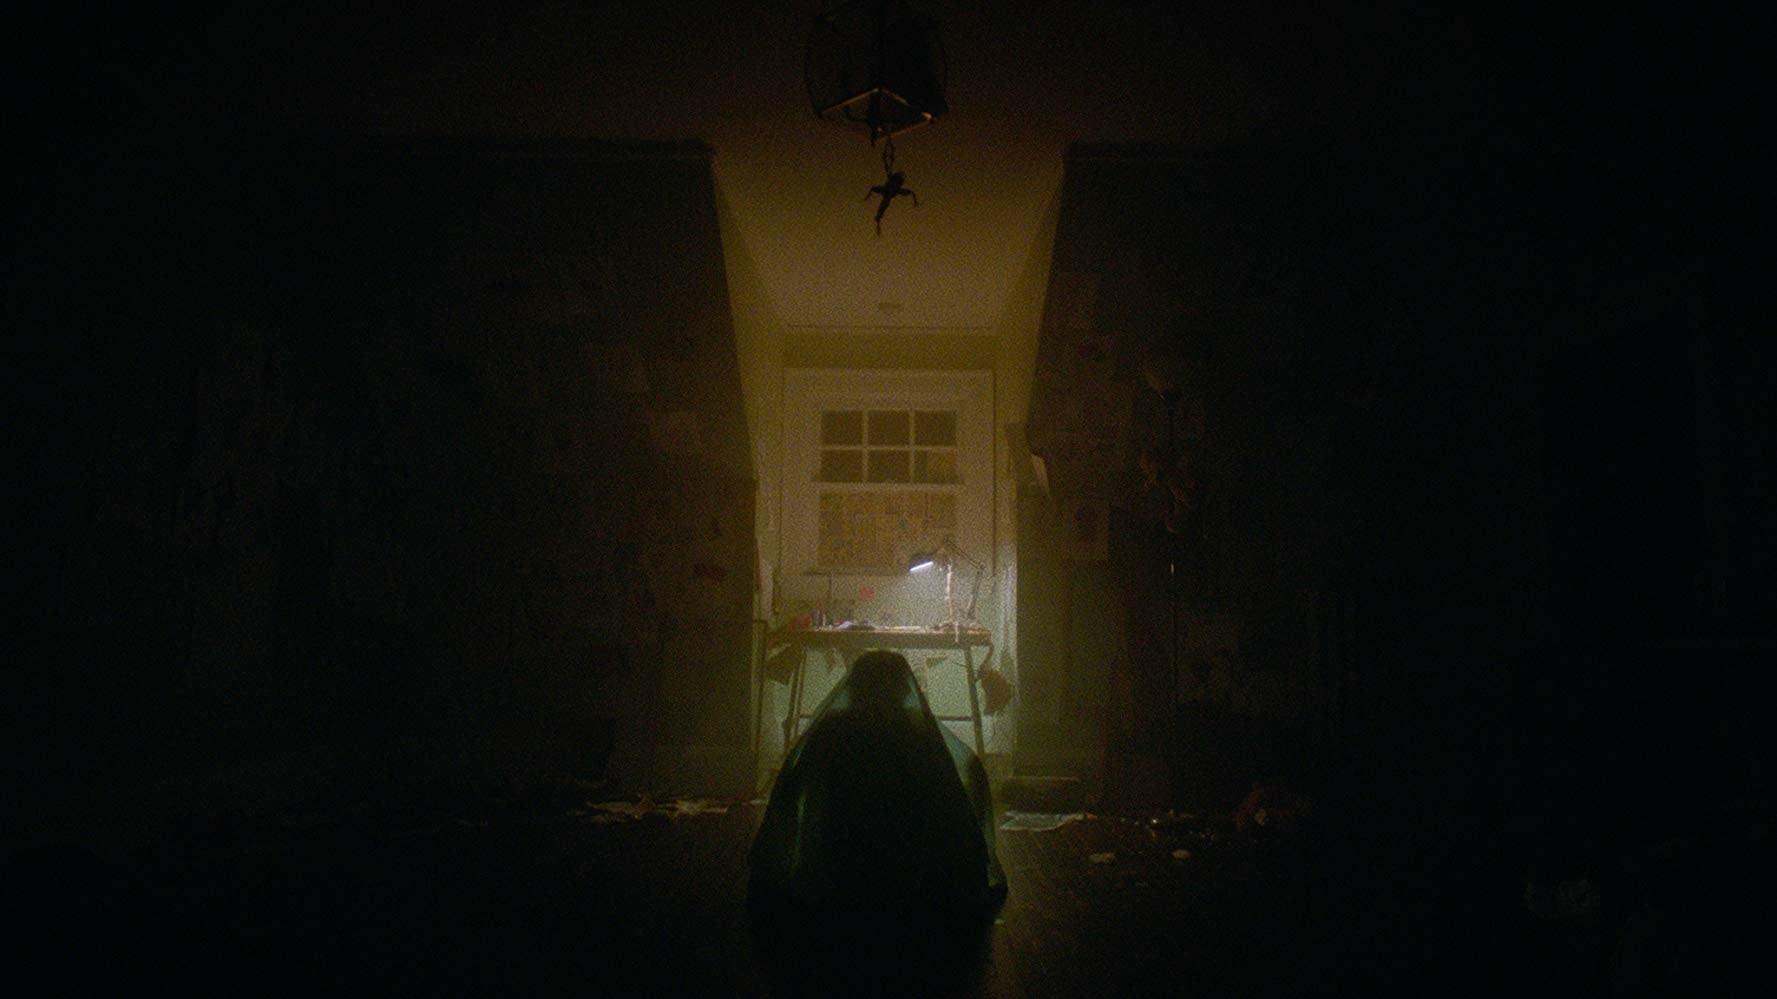 """Boo! - Bộ phim được sinh ra để """"thỏa mãn"""" lòng hiếu kì của các tín đồ phim kinh dị - Ảnh 5."""